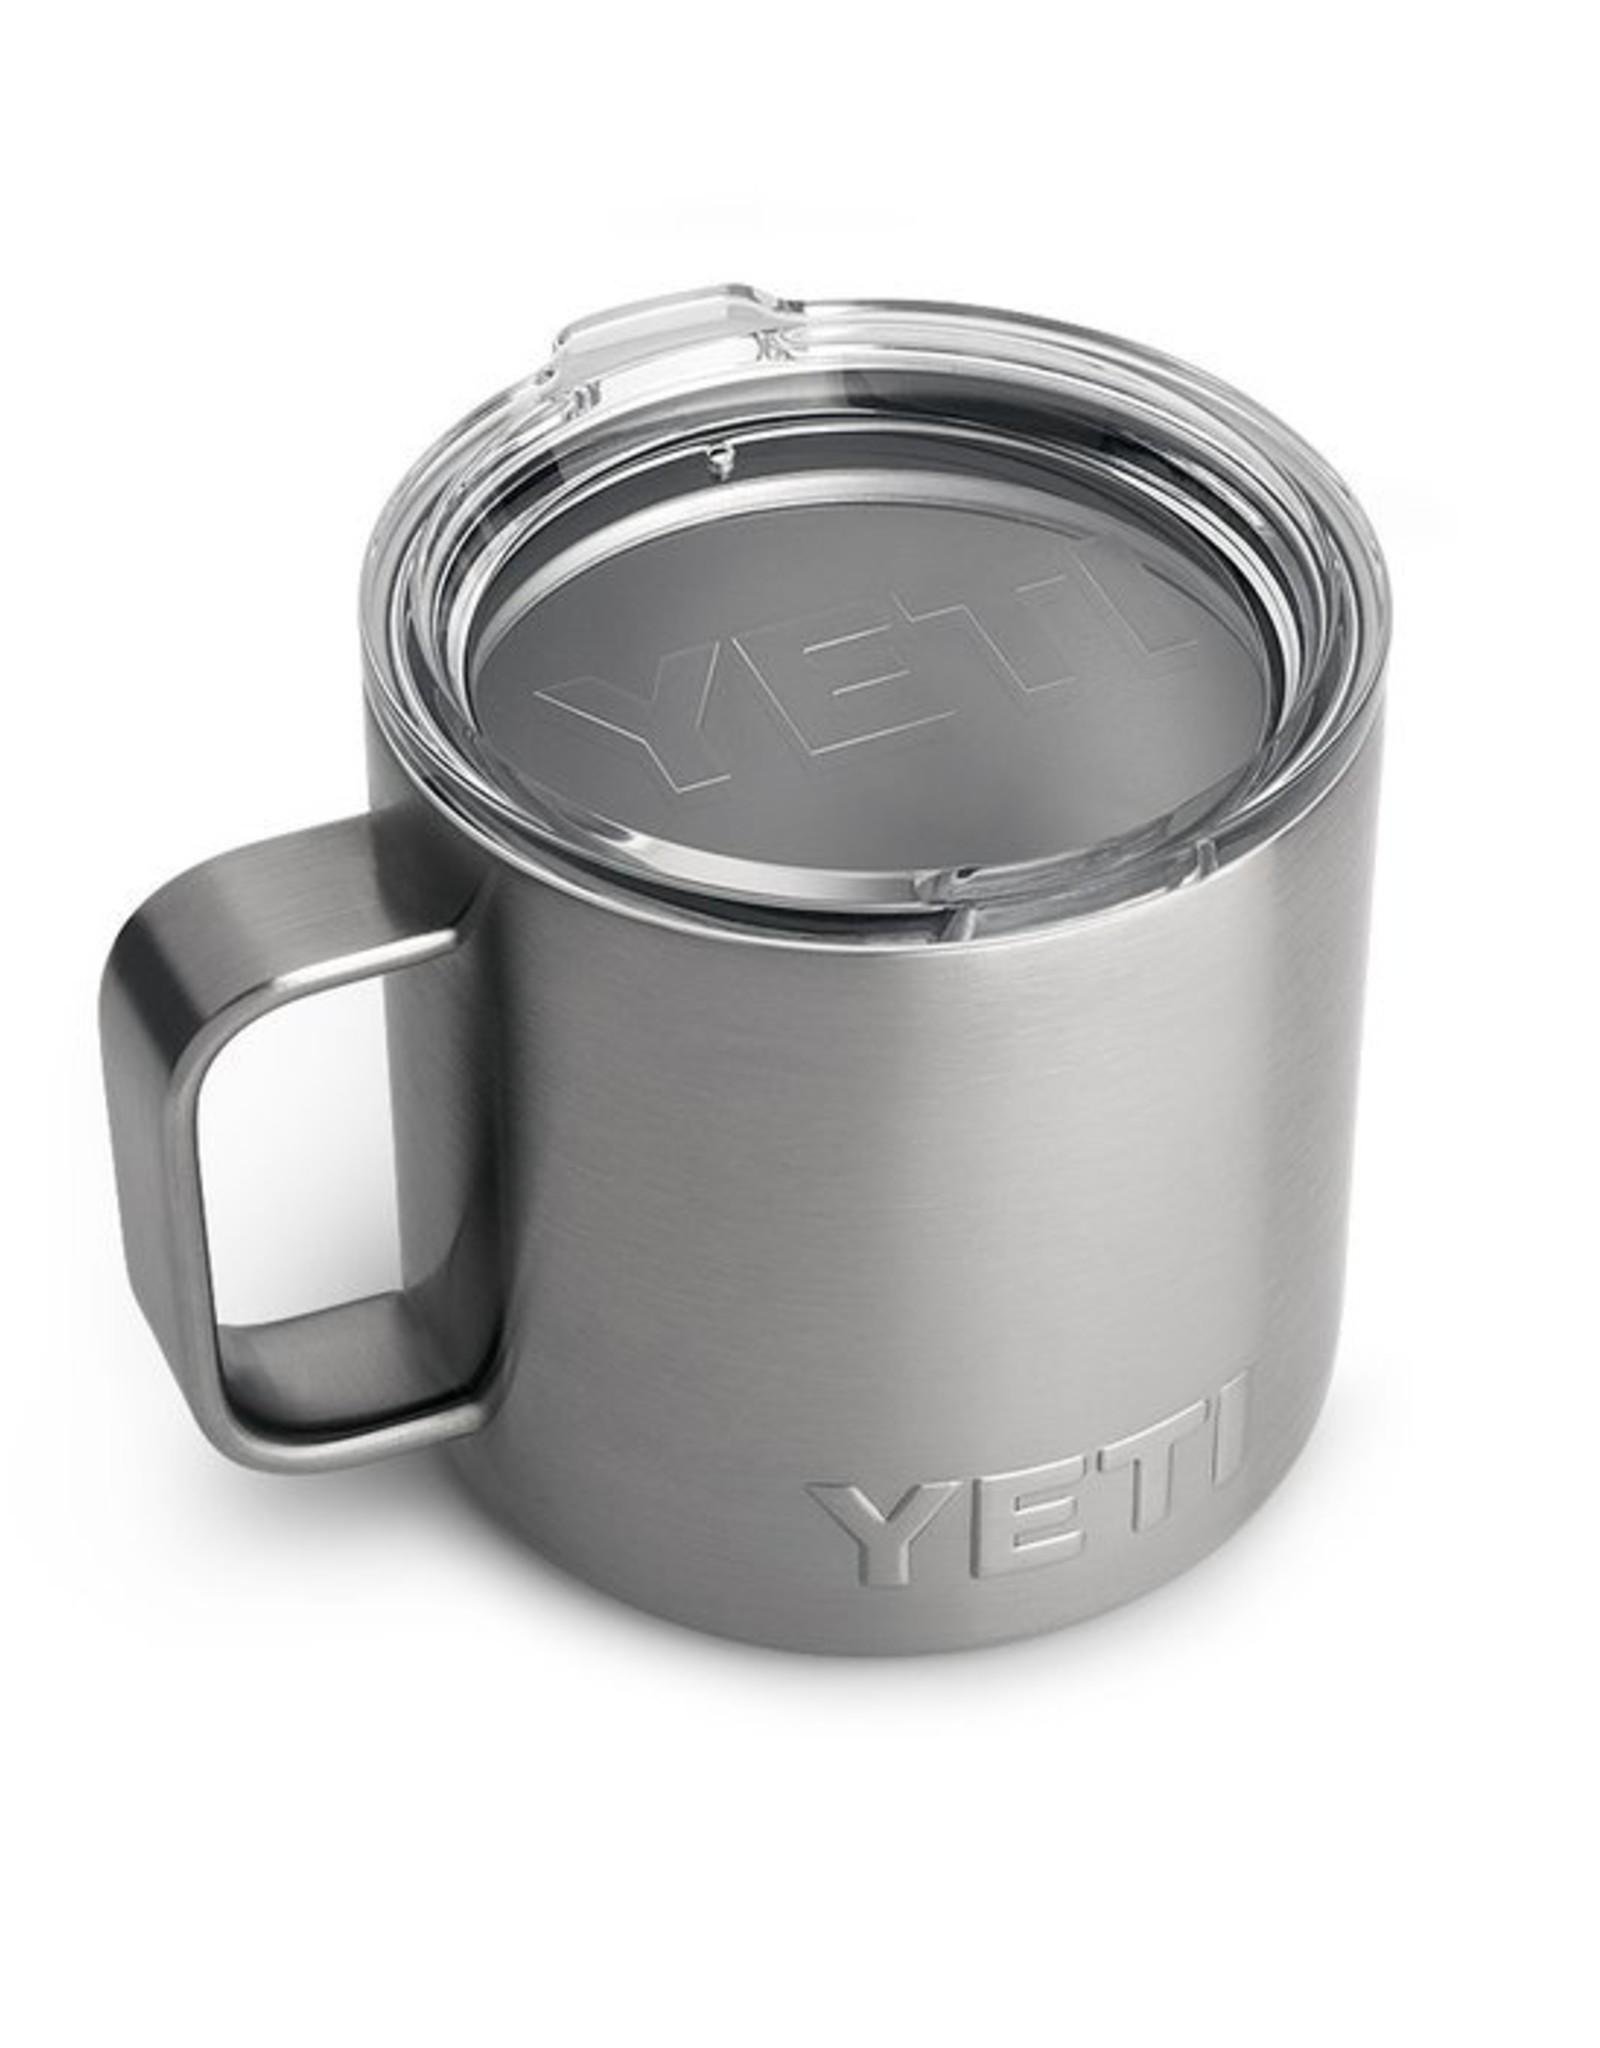 YETI Coolers Rambler 14oz Mug - Stainless Steel